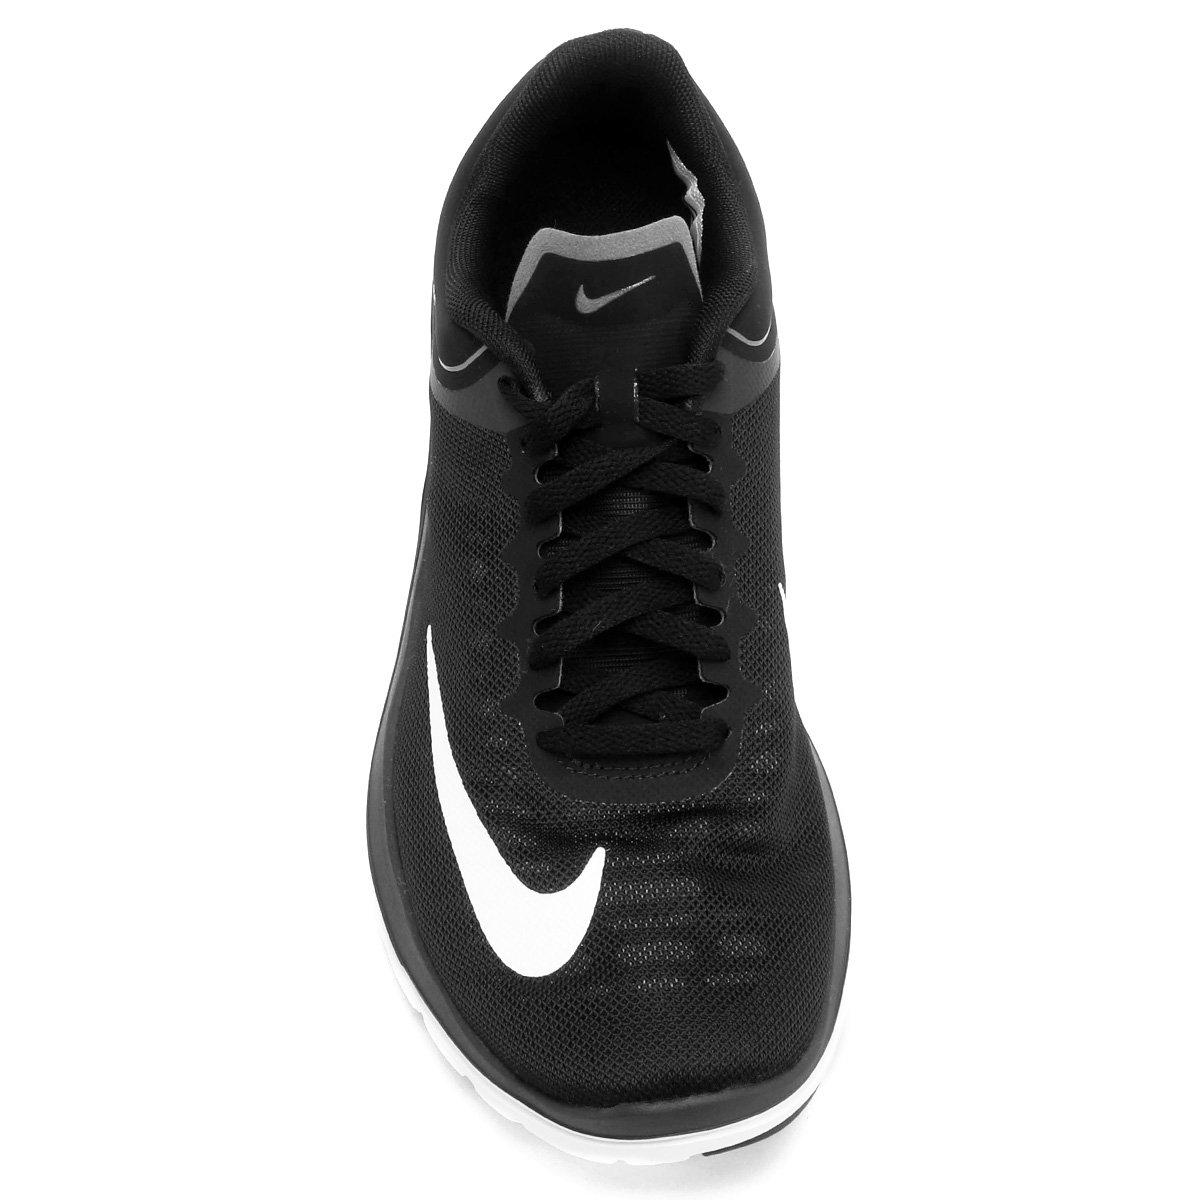 eb8cd9f443 Tênis Nike Fs Lite Run 4 Feminino - Preto e Branco - Compre Agora ...